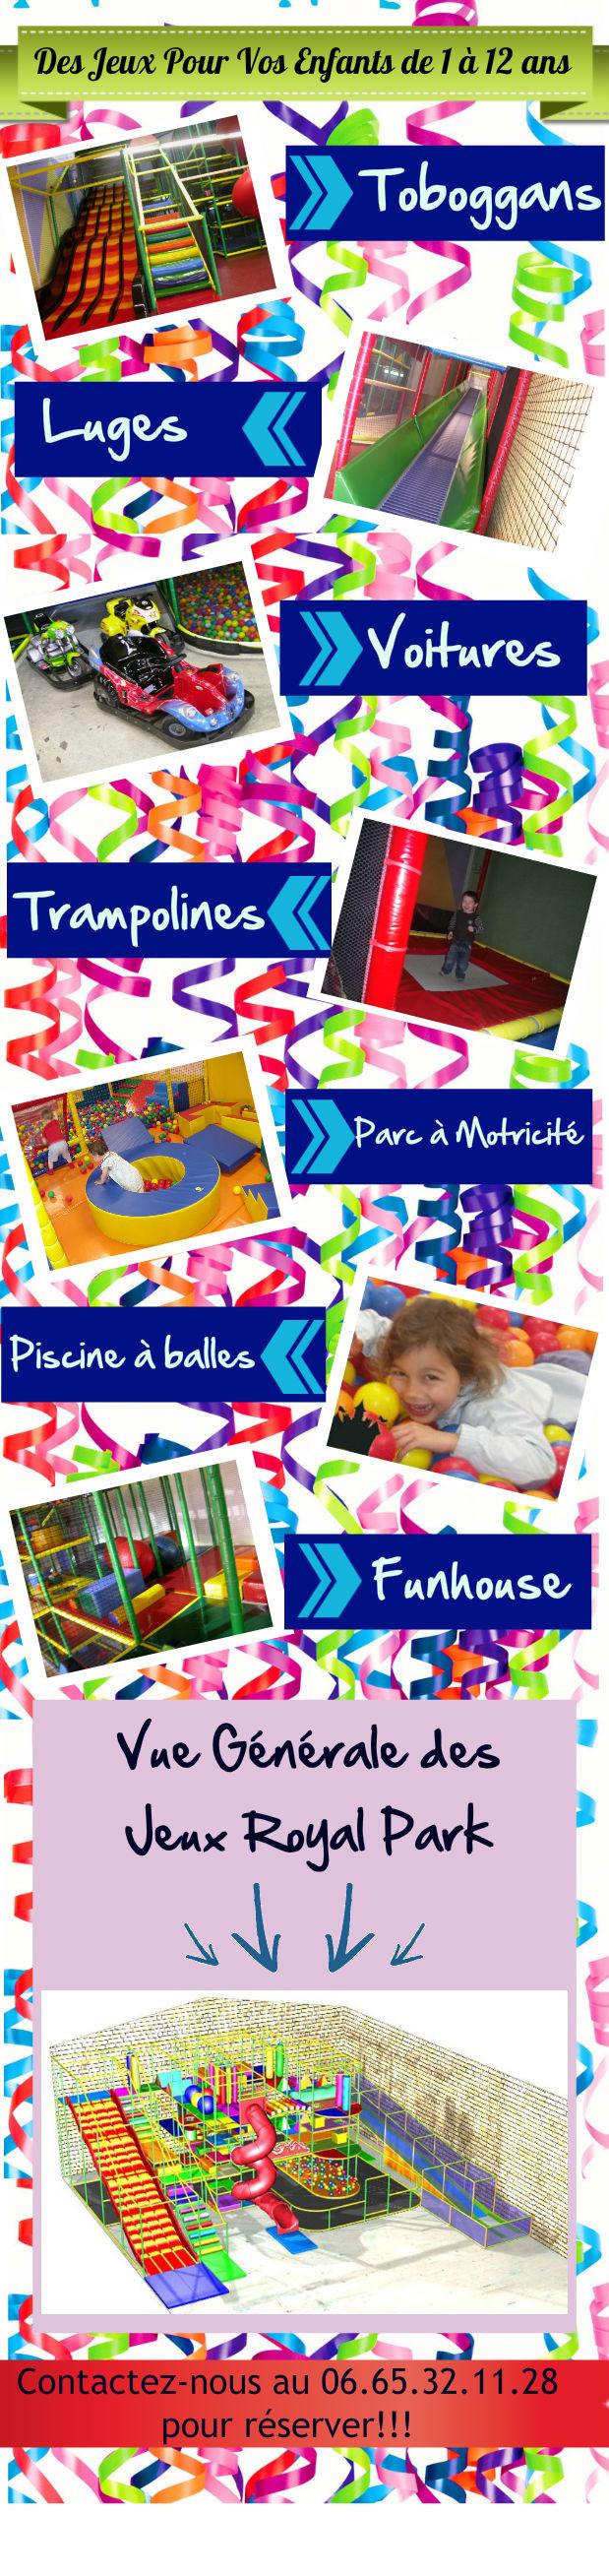 Royal Park Jeux pour enfants Nimes